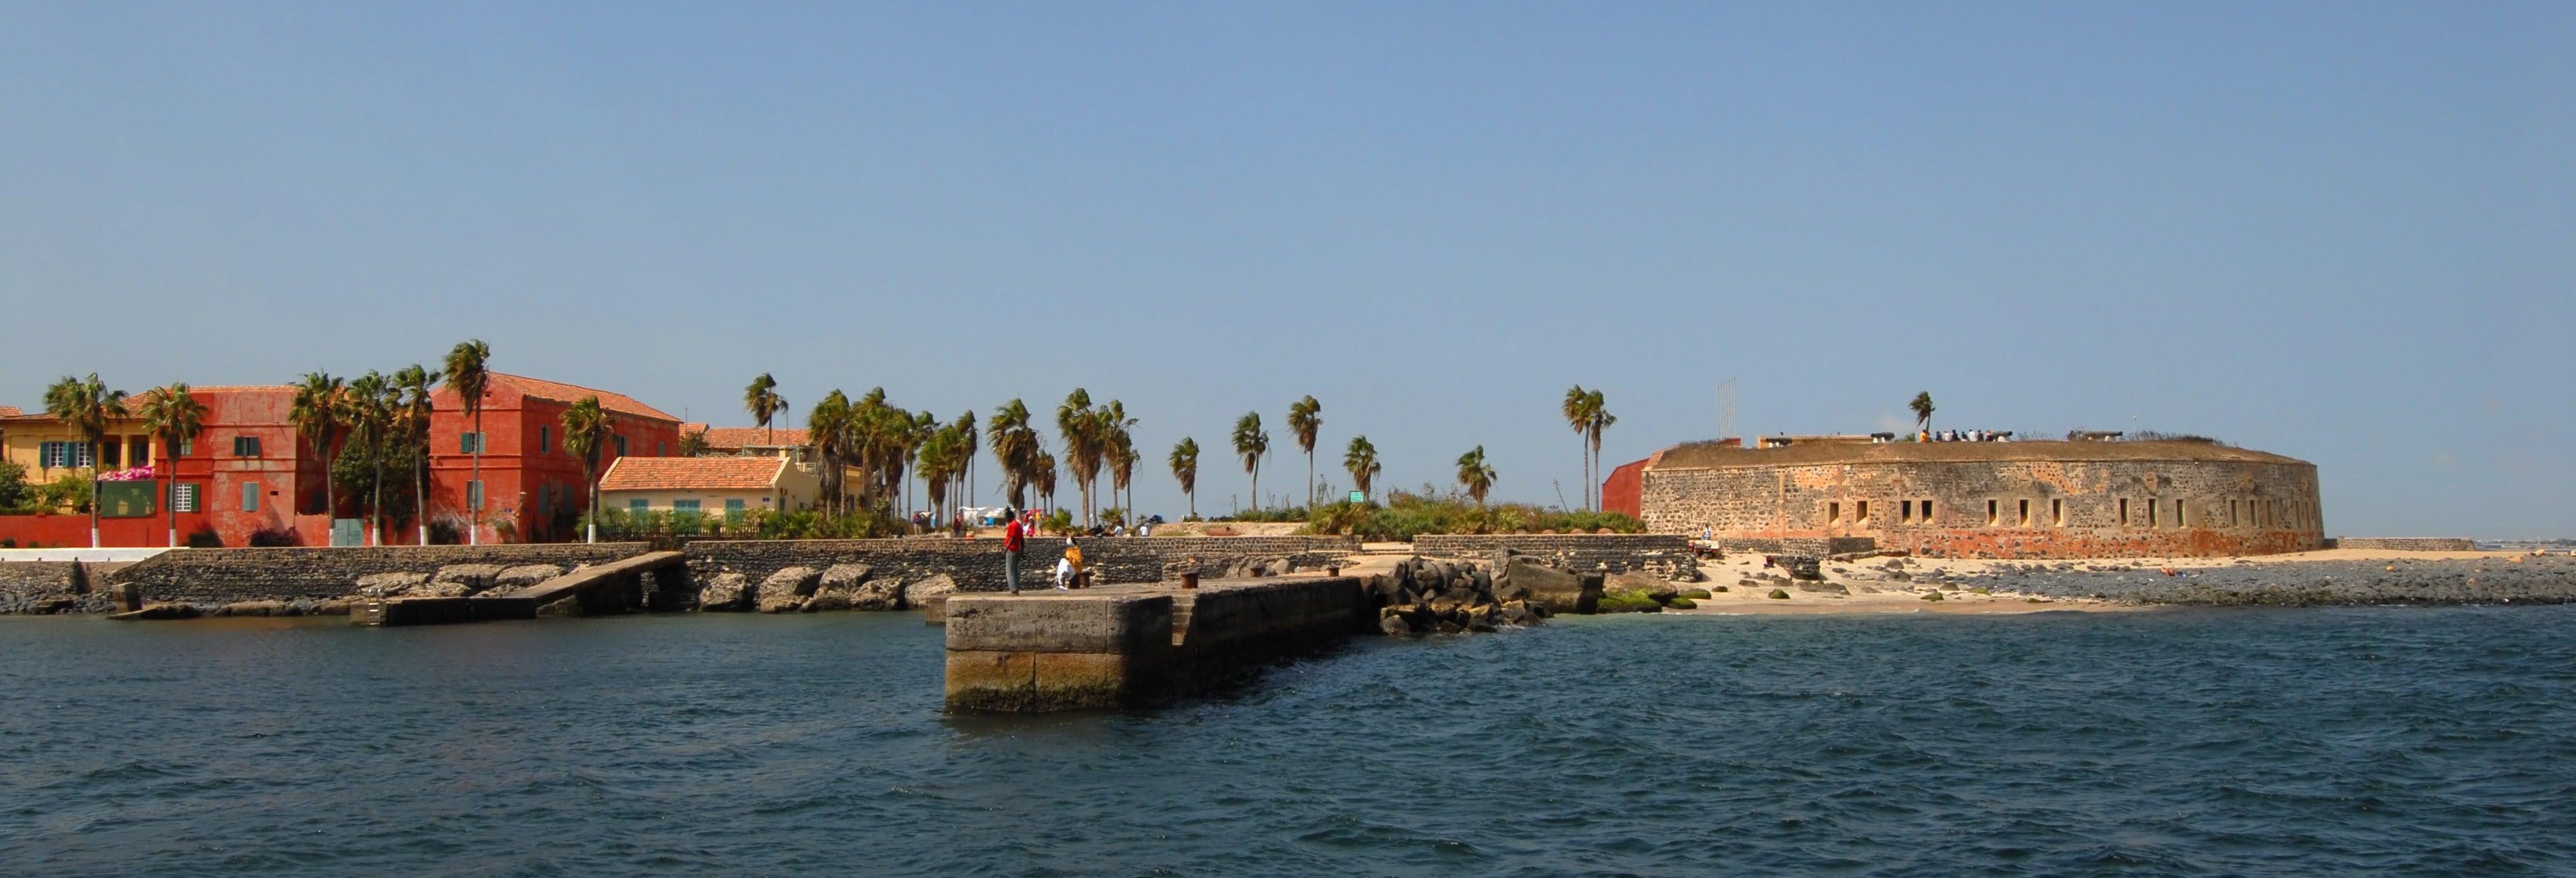 Excursión privada a Dakar e Isla de Gorea